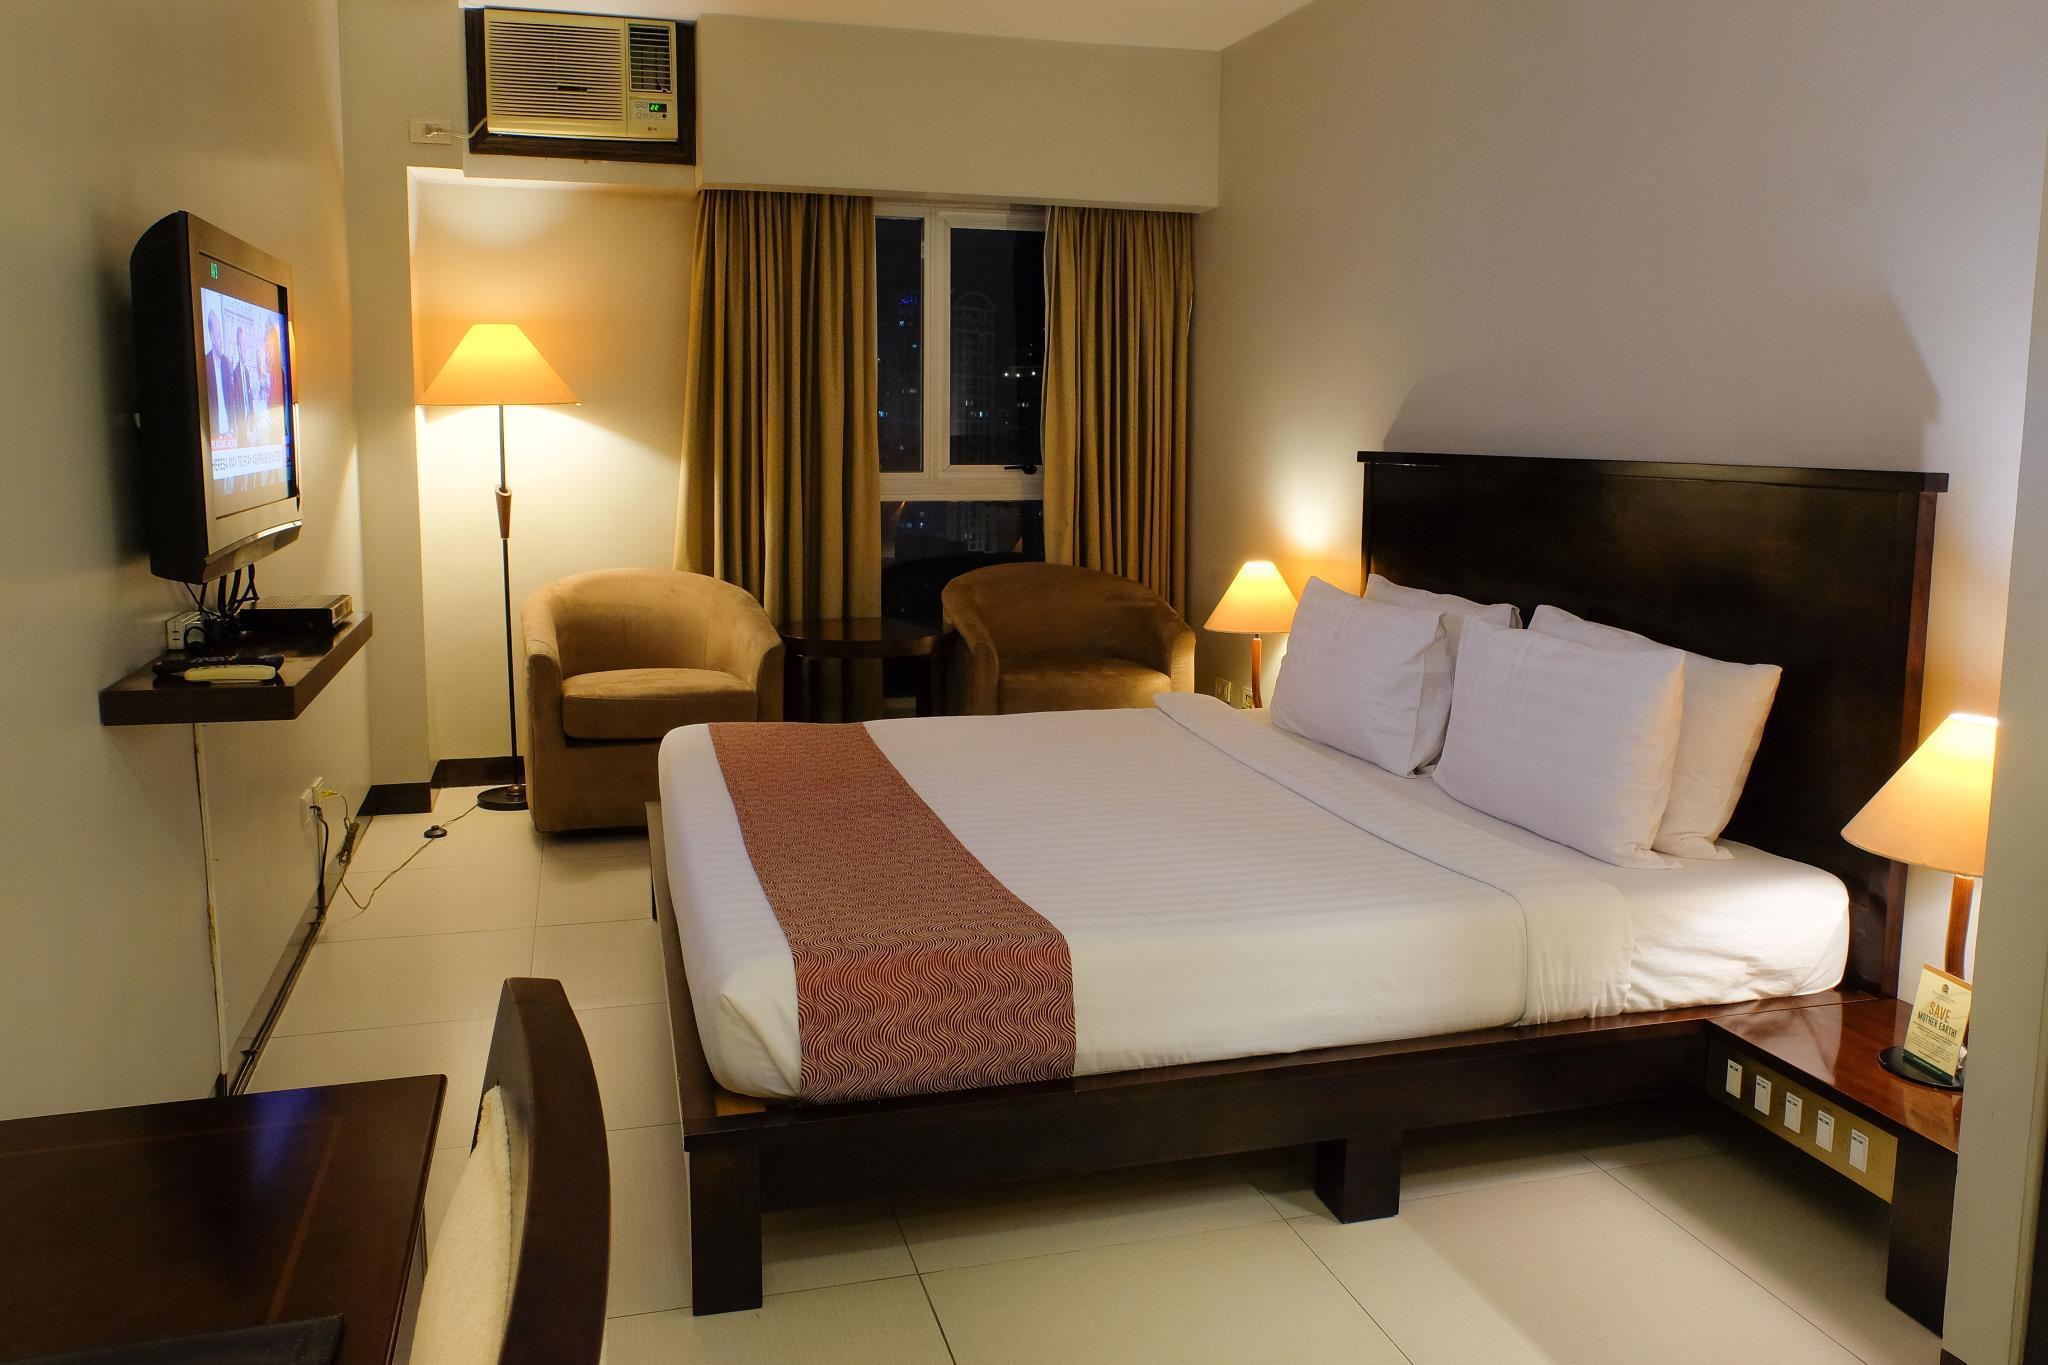 Millenia Suites Ortigas, Pasig City